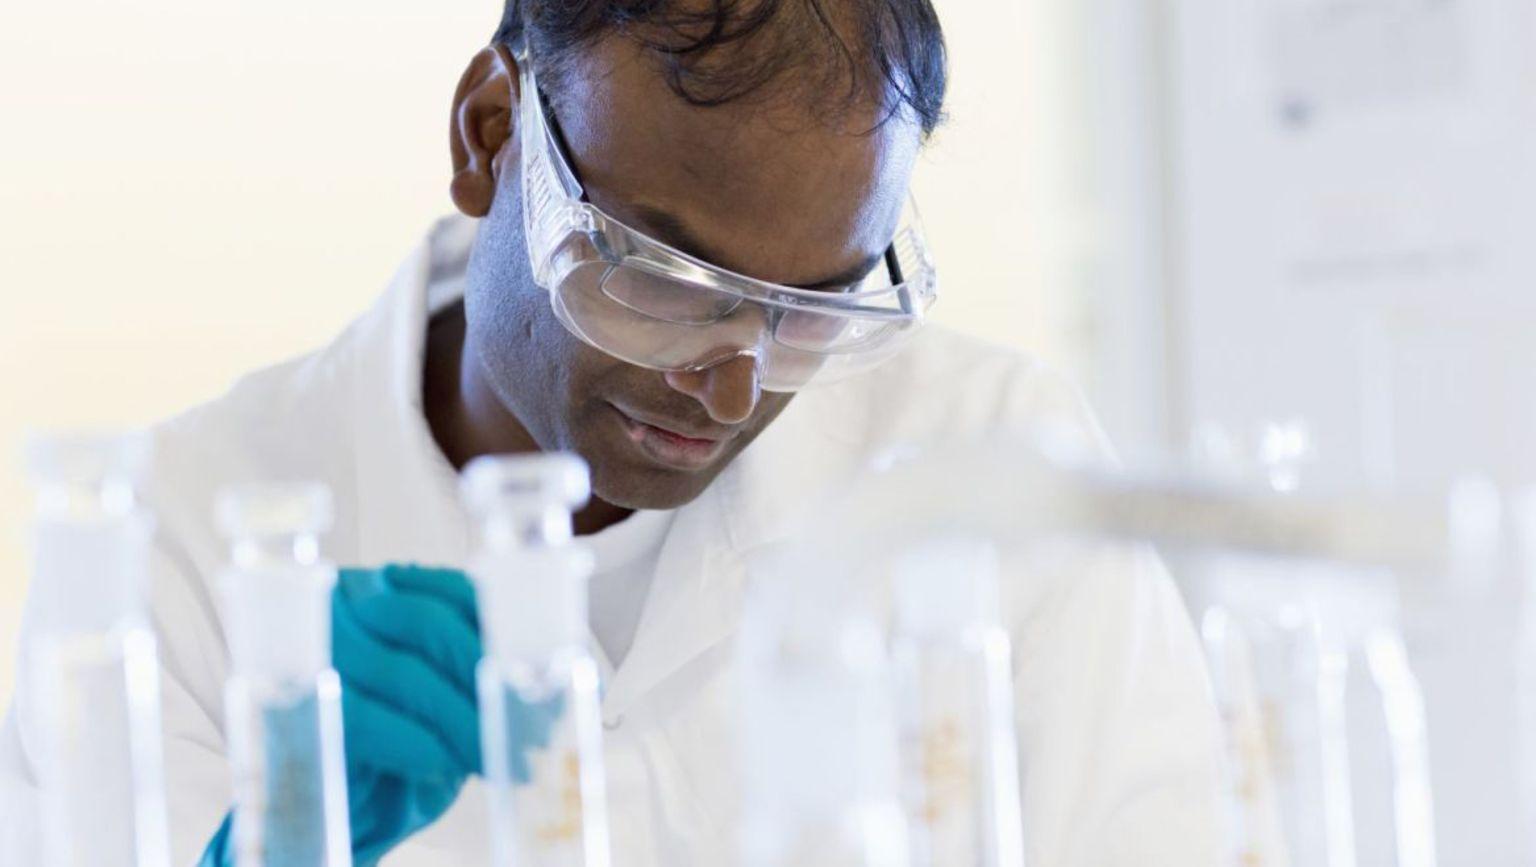 Forskare i ett laboratorium med blå handskar som hanterar prover i provrör.